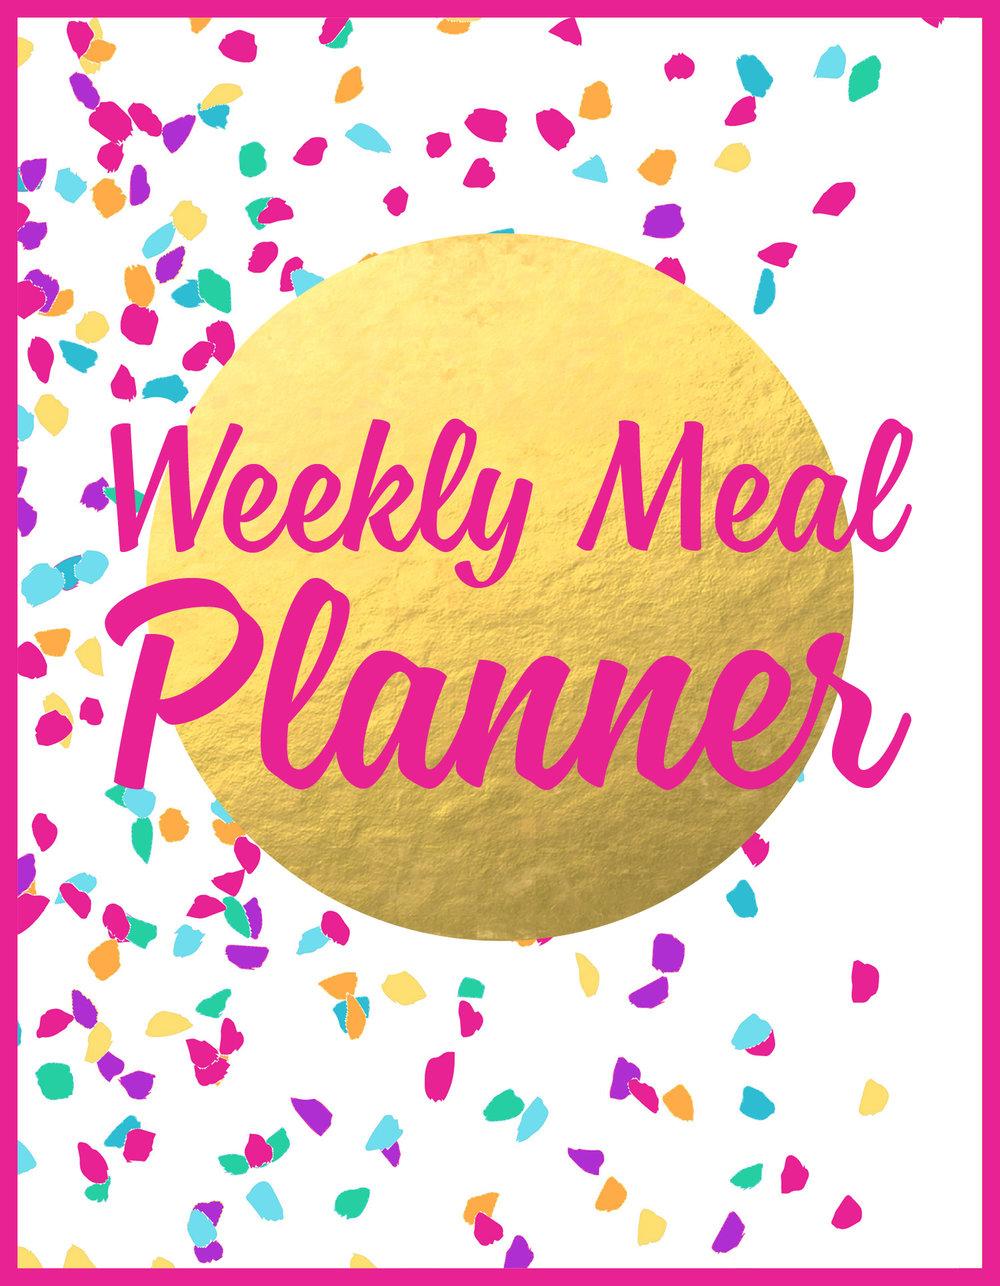 Julia Jackson - Weekly Meal Planner